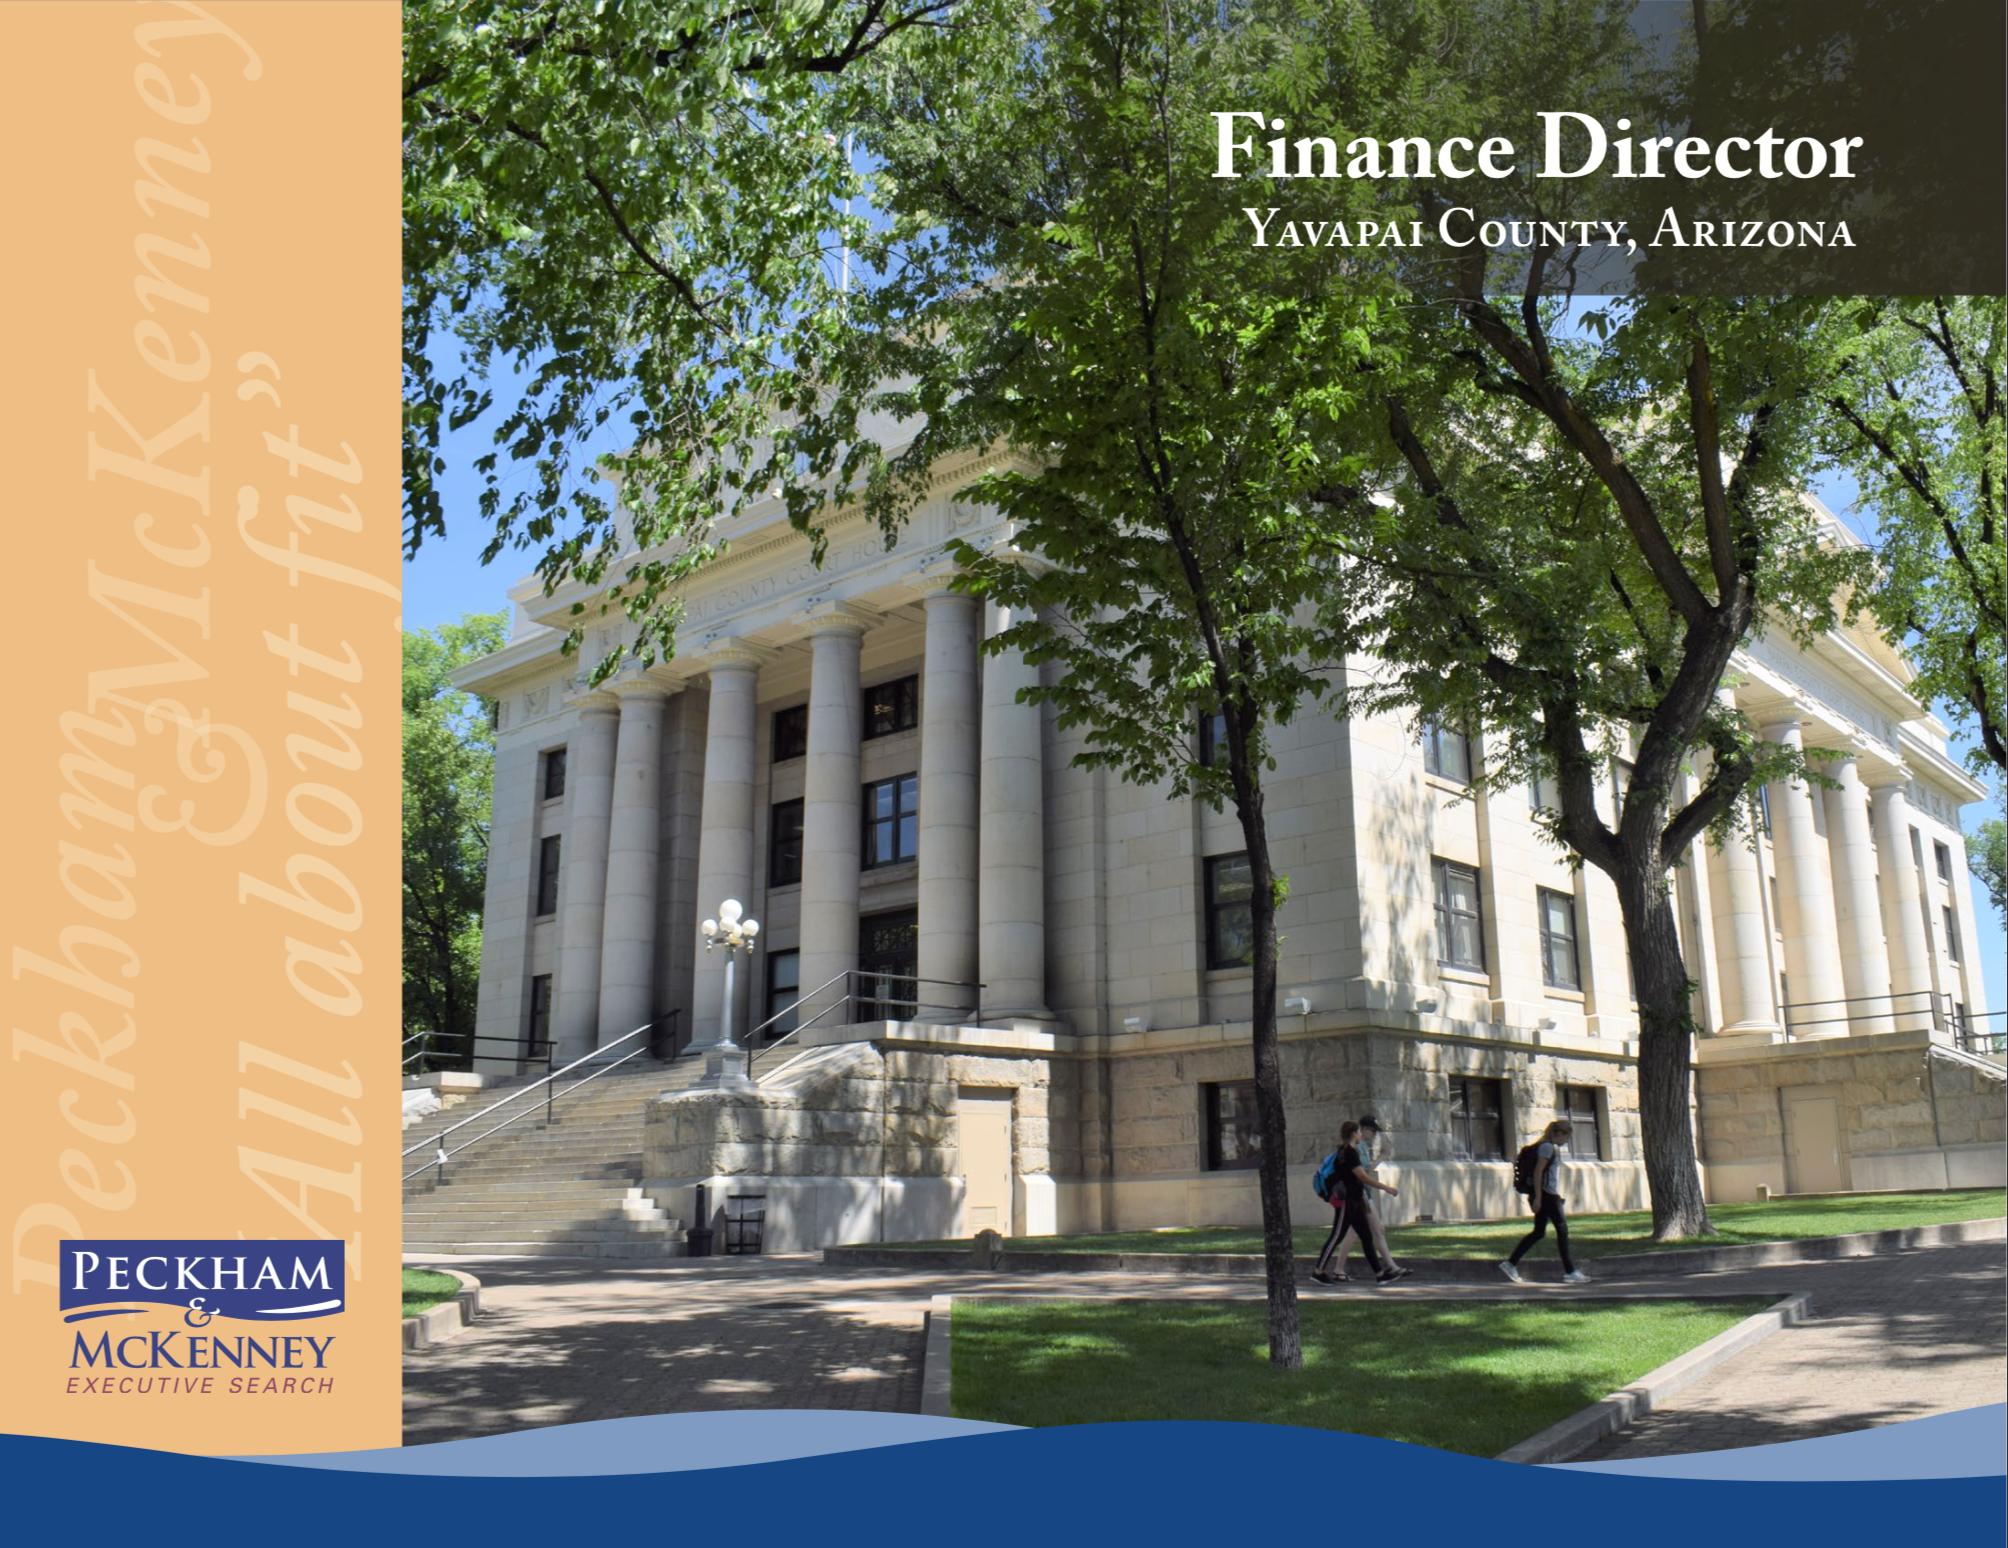 FinanceDirector_YavapaiCountyAZ